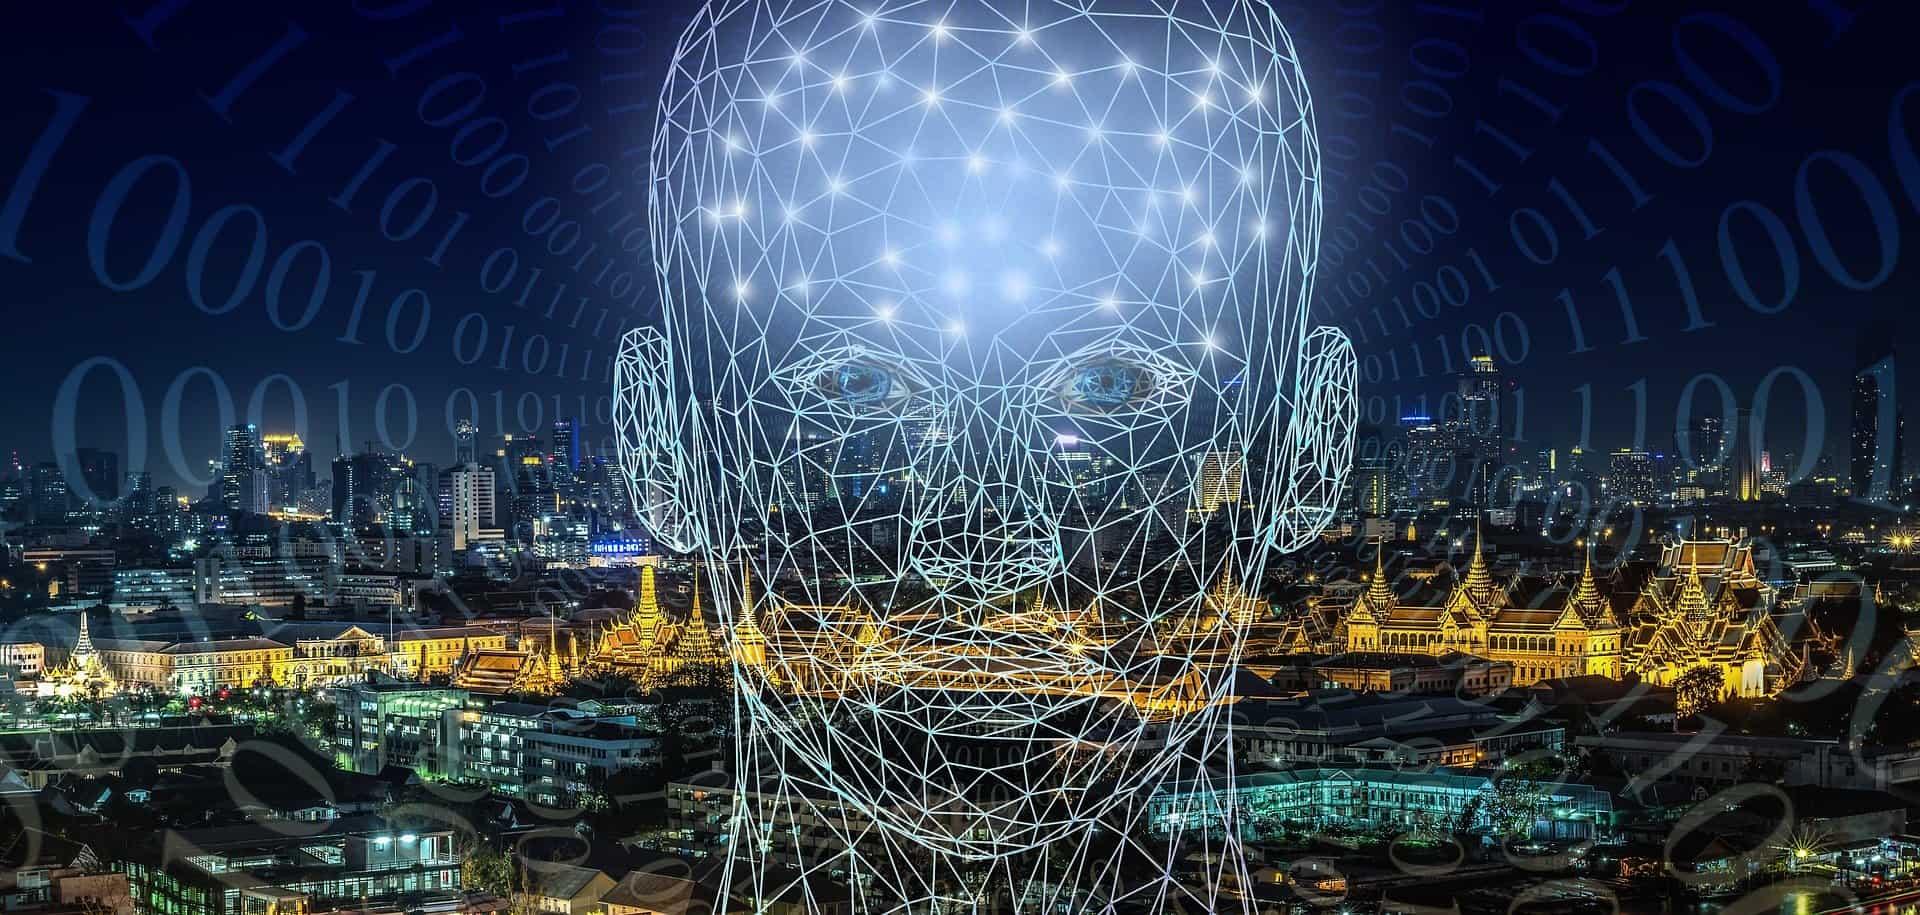 Digitalisierung im Gefühl